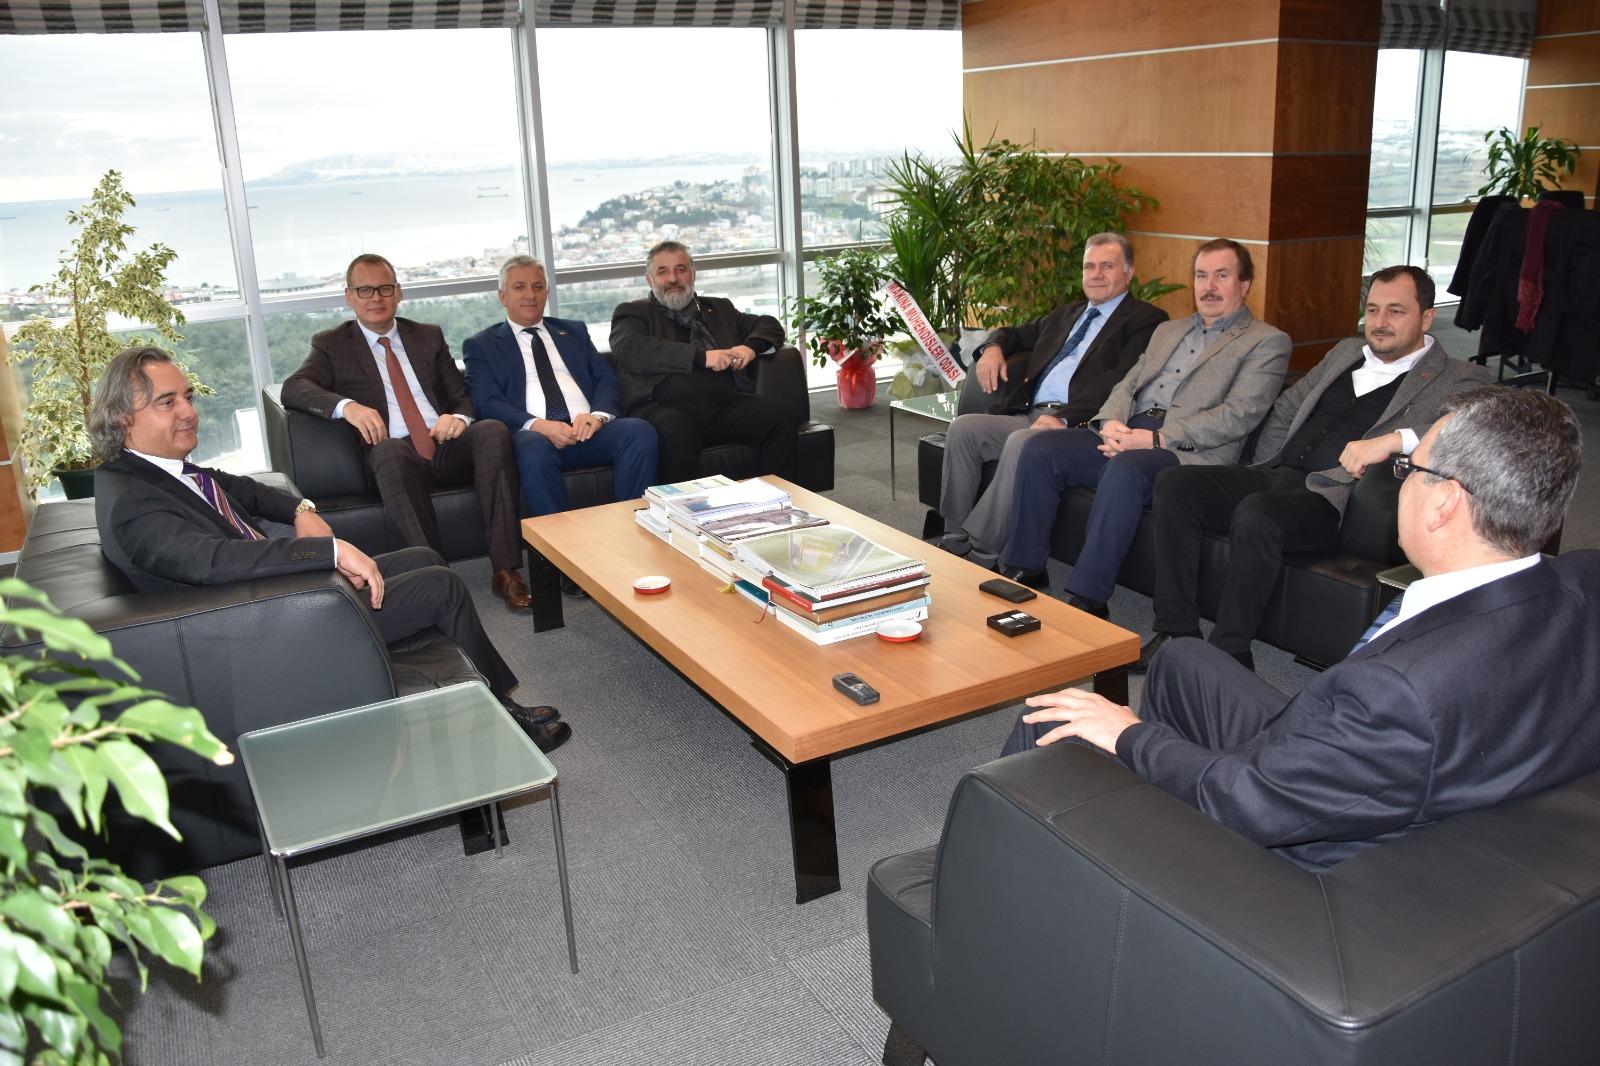 Tekirdağ Ak Parti İl Başkanı ve Süleyman paşa Ak Parti Belediye Başkan Aday Adaylarından Nezaket Ziyareti